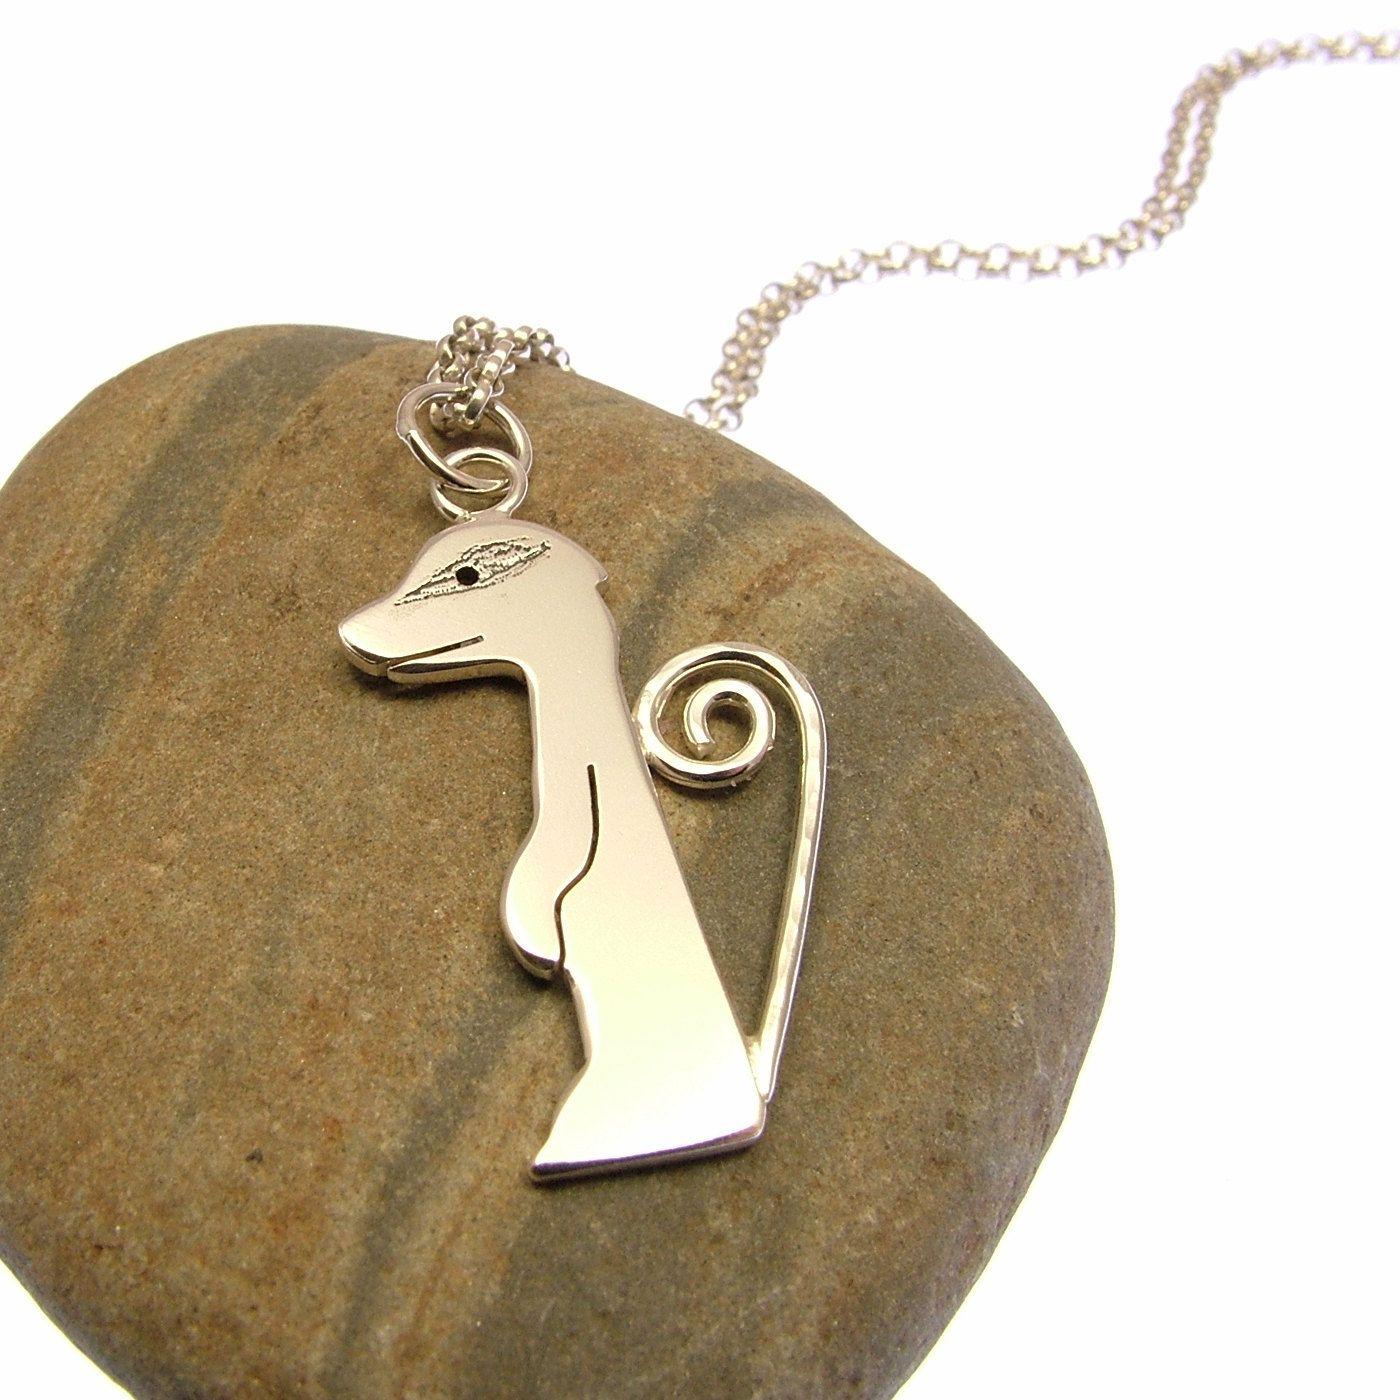 Sterling Silver Meerkat Necklace - Meerkat Jewellery - Meerkat Gifts by JewelleryFurKeeps on Etsy